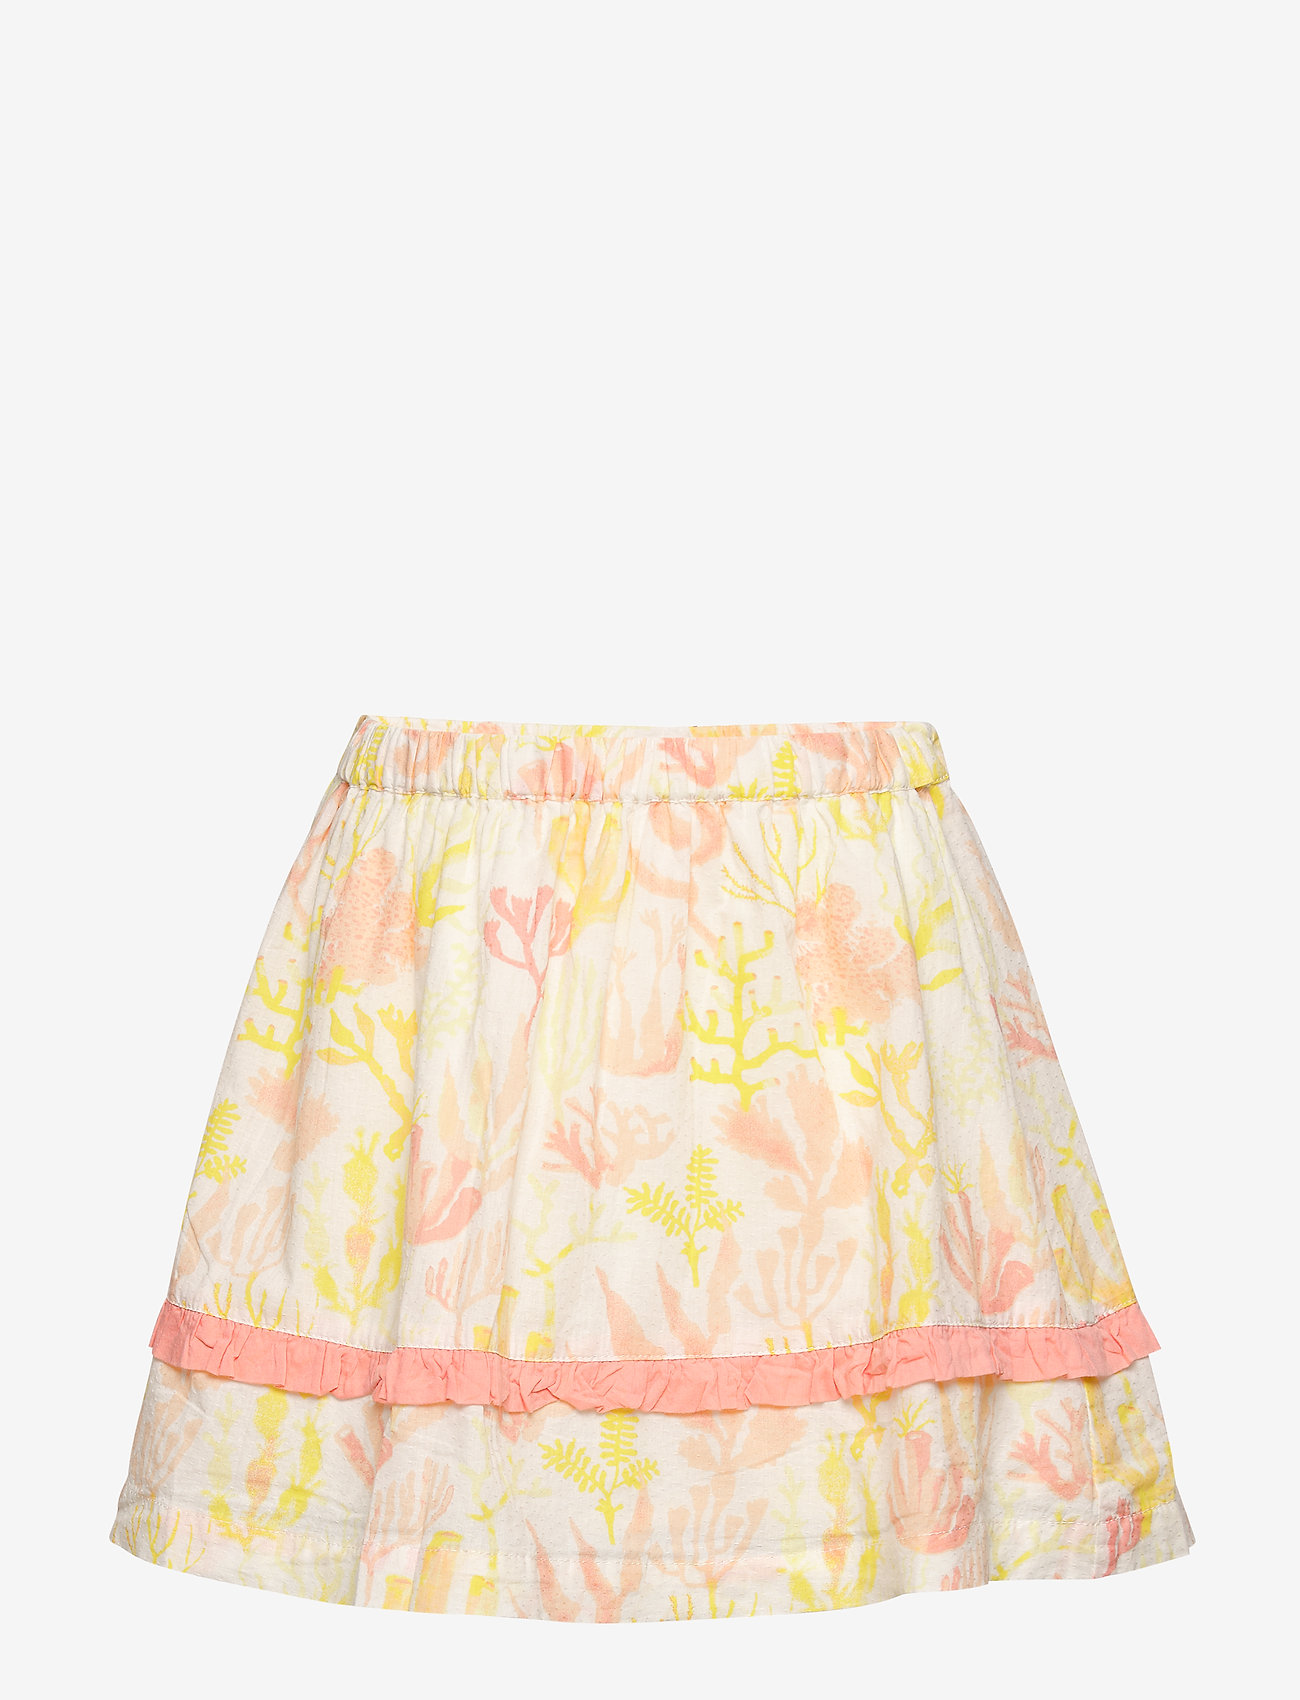 Noa Noa Miniature - Skirt - skirts - whisper white - 0